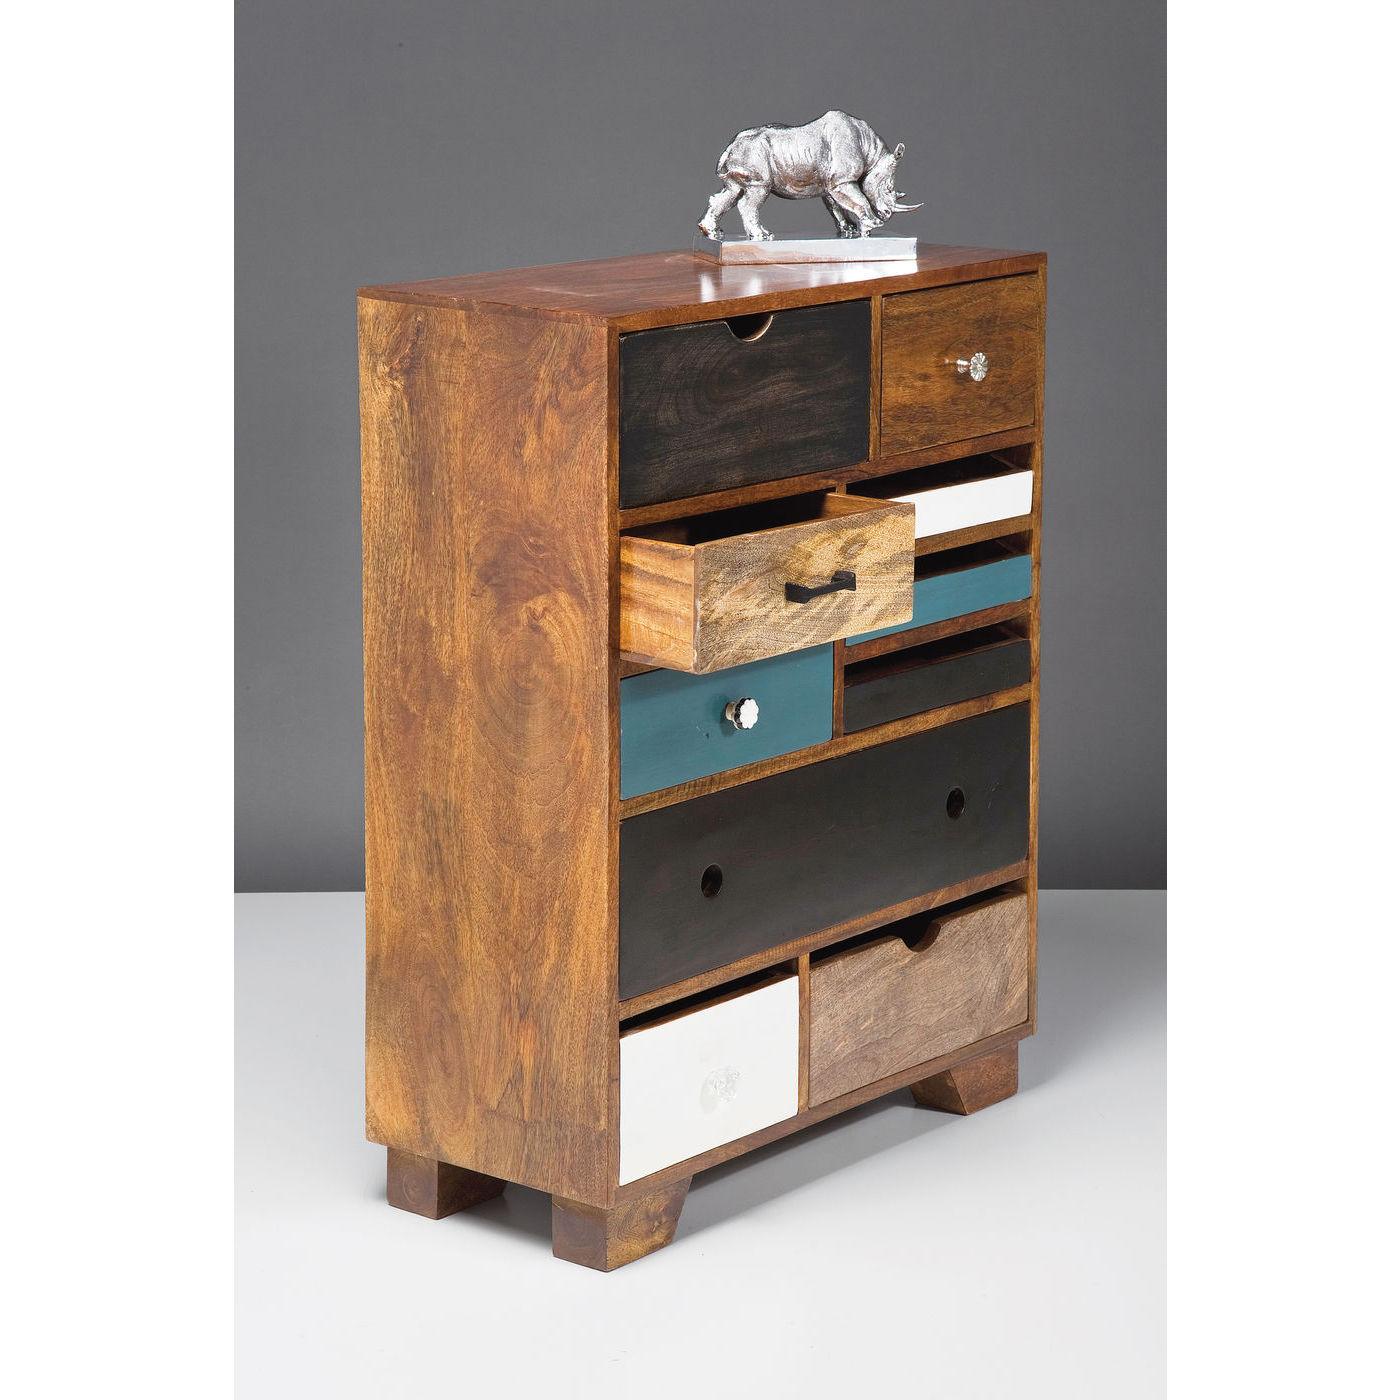 kommode i tr med 10 skuffer og enkle greb. Black Bedroom Furniture Sets. Home Design Ideas